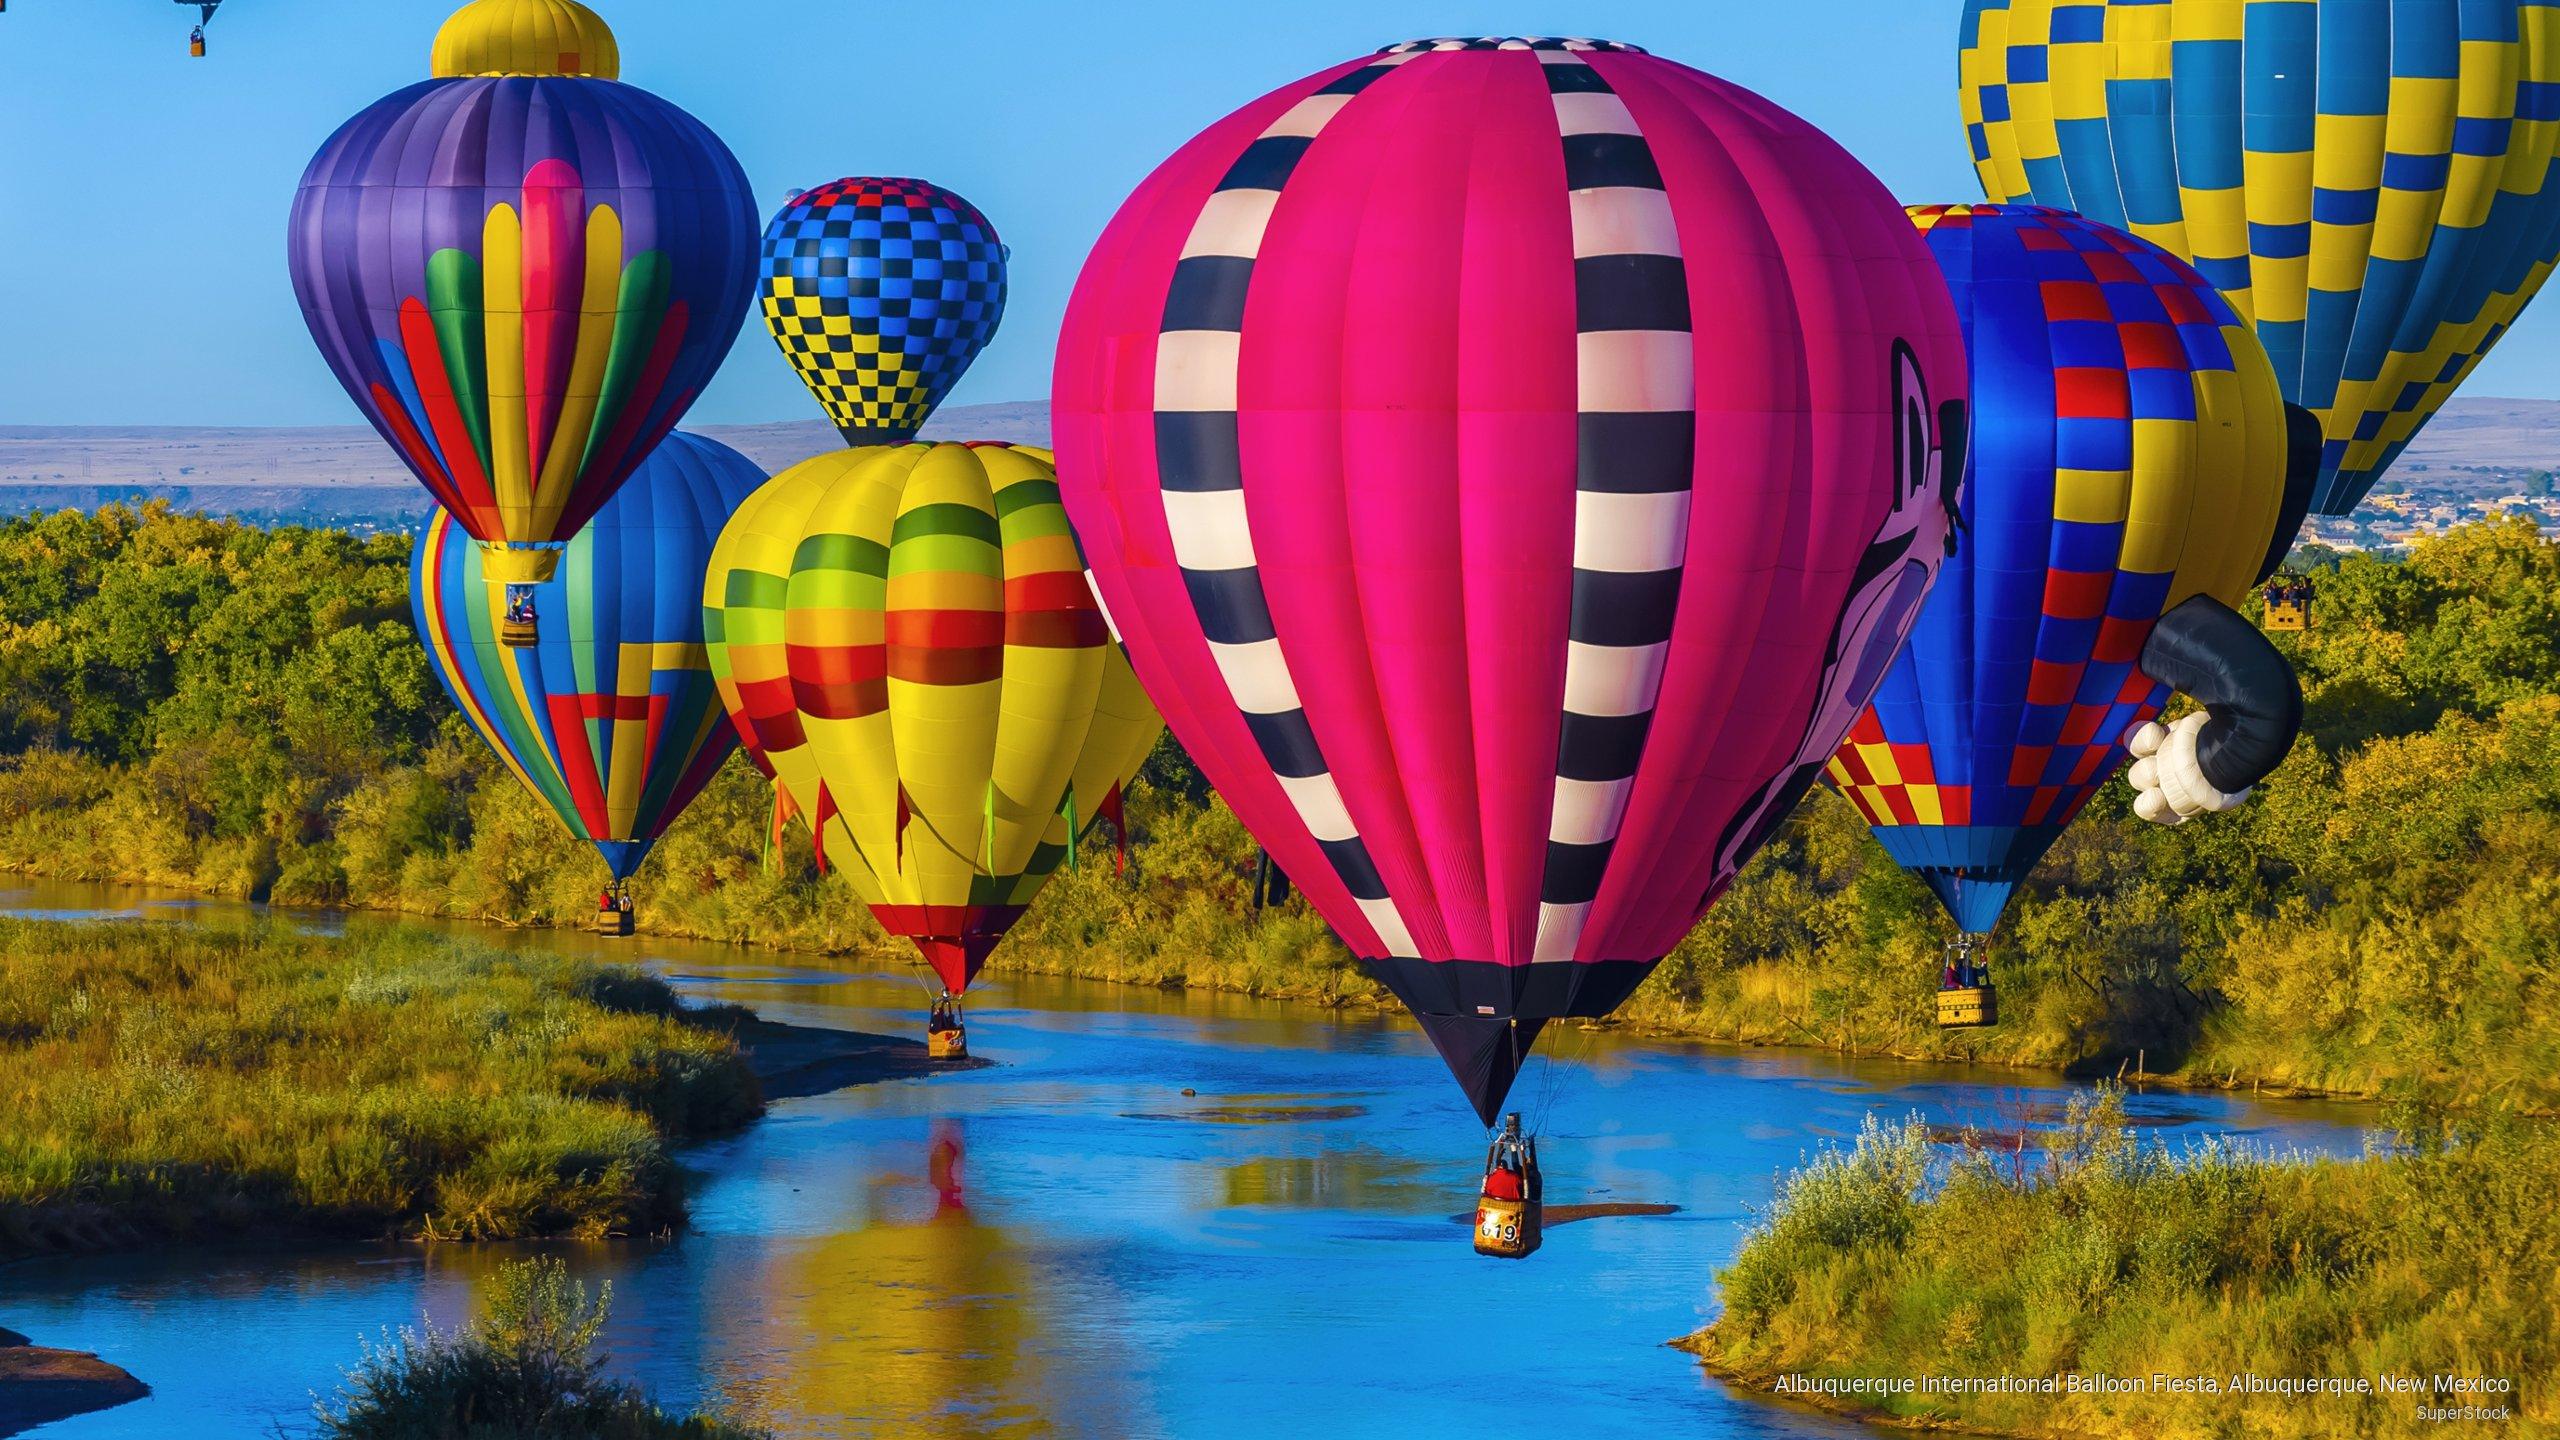 Albuquerque International Balloon Fiesta Albuquerque New Mexico 2560x1440